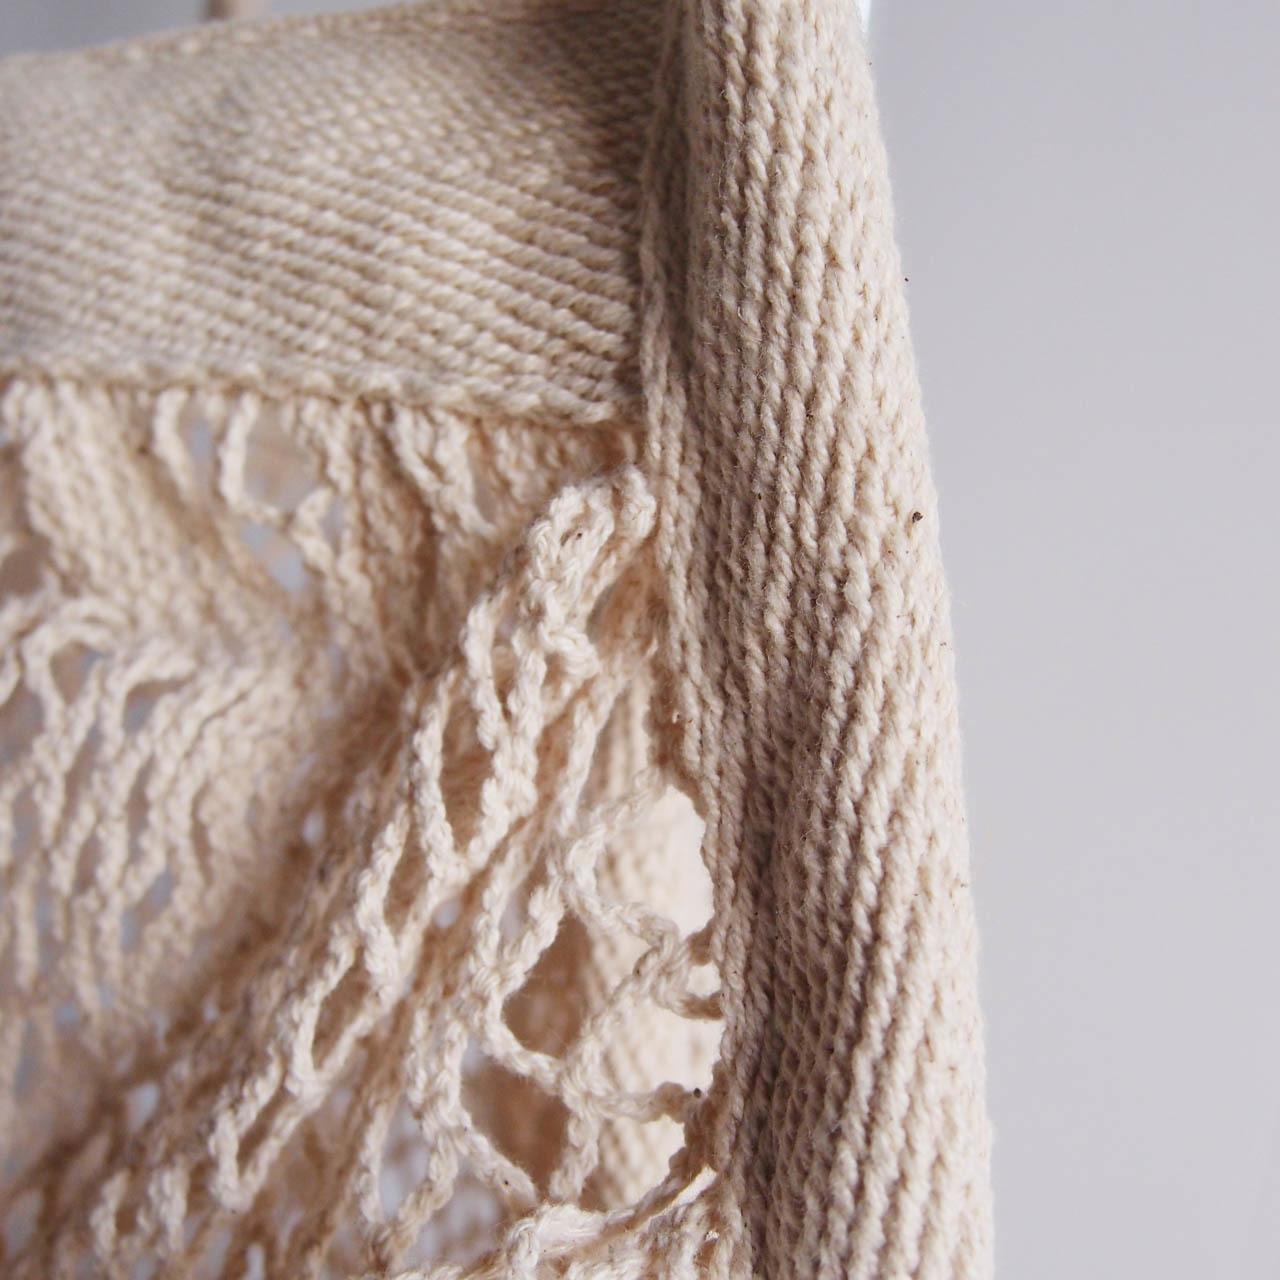 Wholesale Cotton Net Bags, Organic Cotton Produce Bags, Cotton Mesh Bags | Packaging Decor